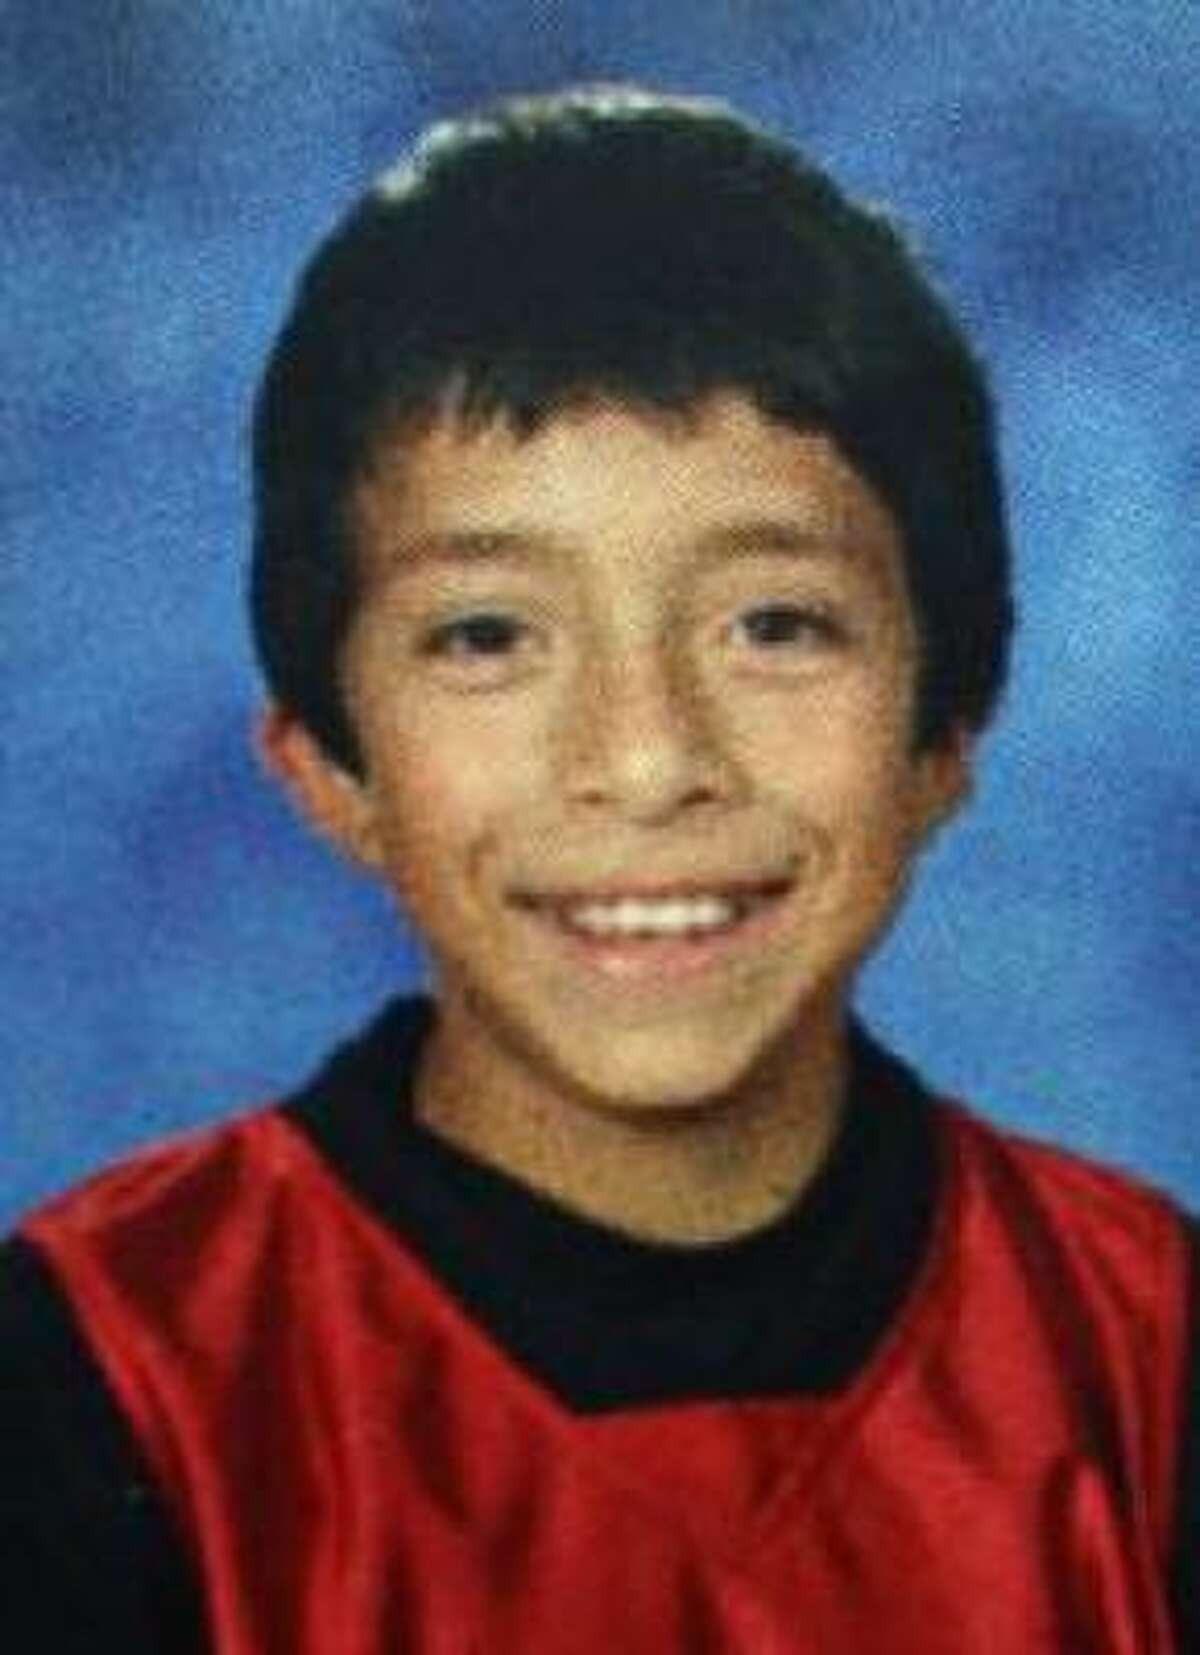 Rico Armando Bañuelas, quien murió a los 11 años de edad, es una de las víctimas más jóvenes. El niño originario de El Paso fue baleado durante un robo mientras estaba de vacaciones con su familia en Mazatlán, en 2008.